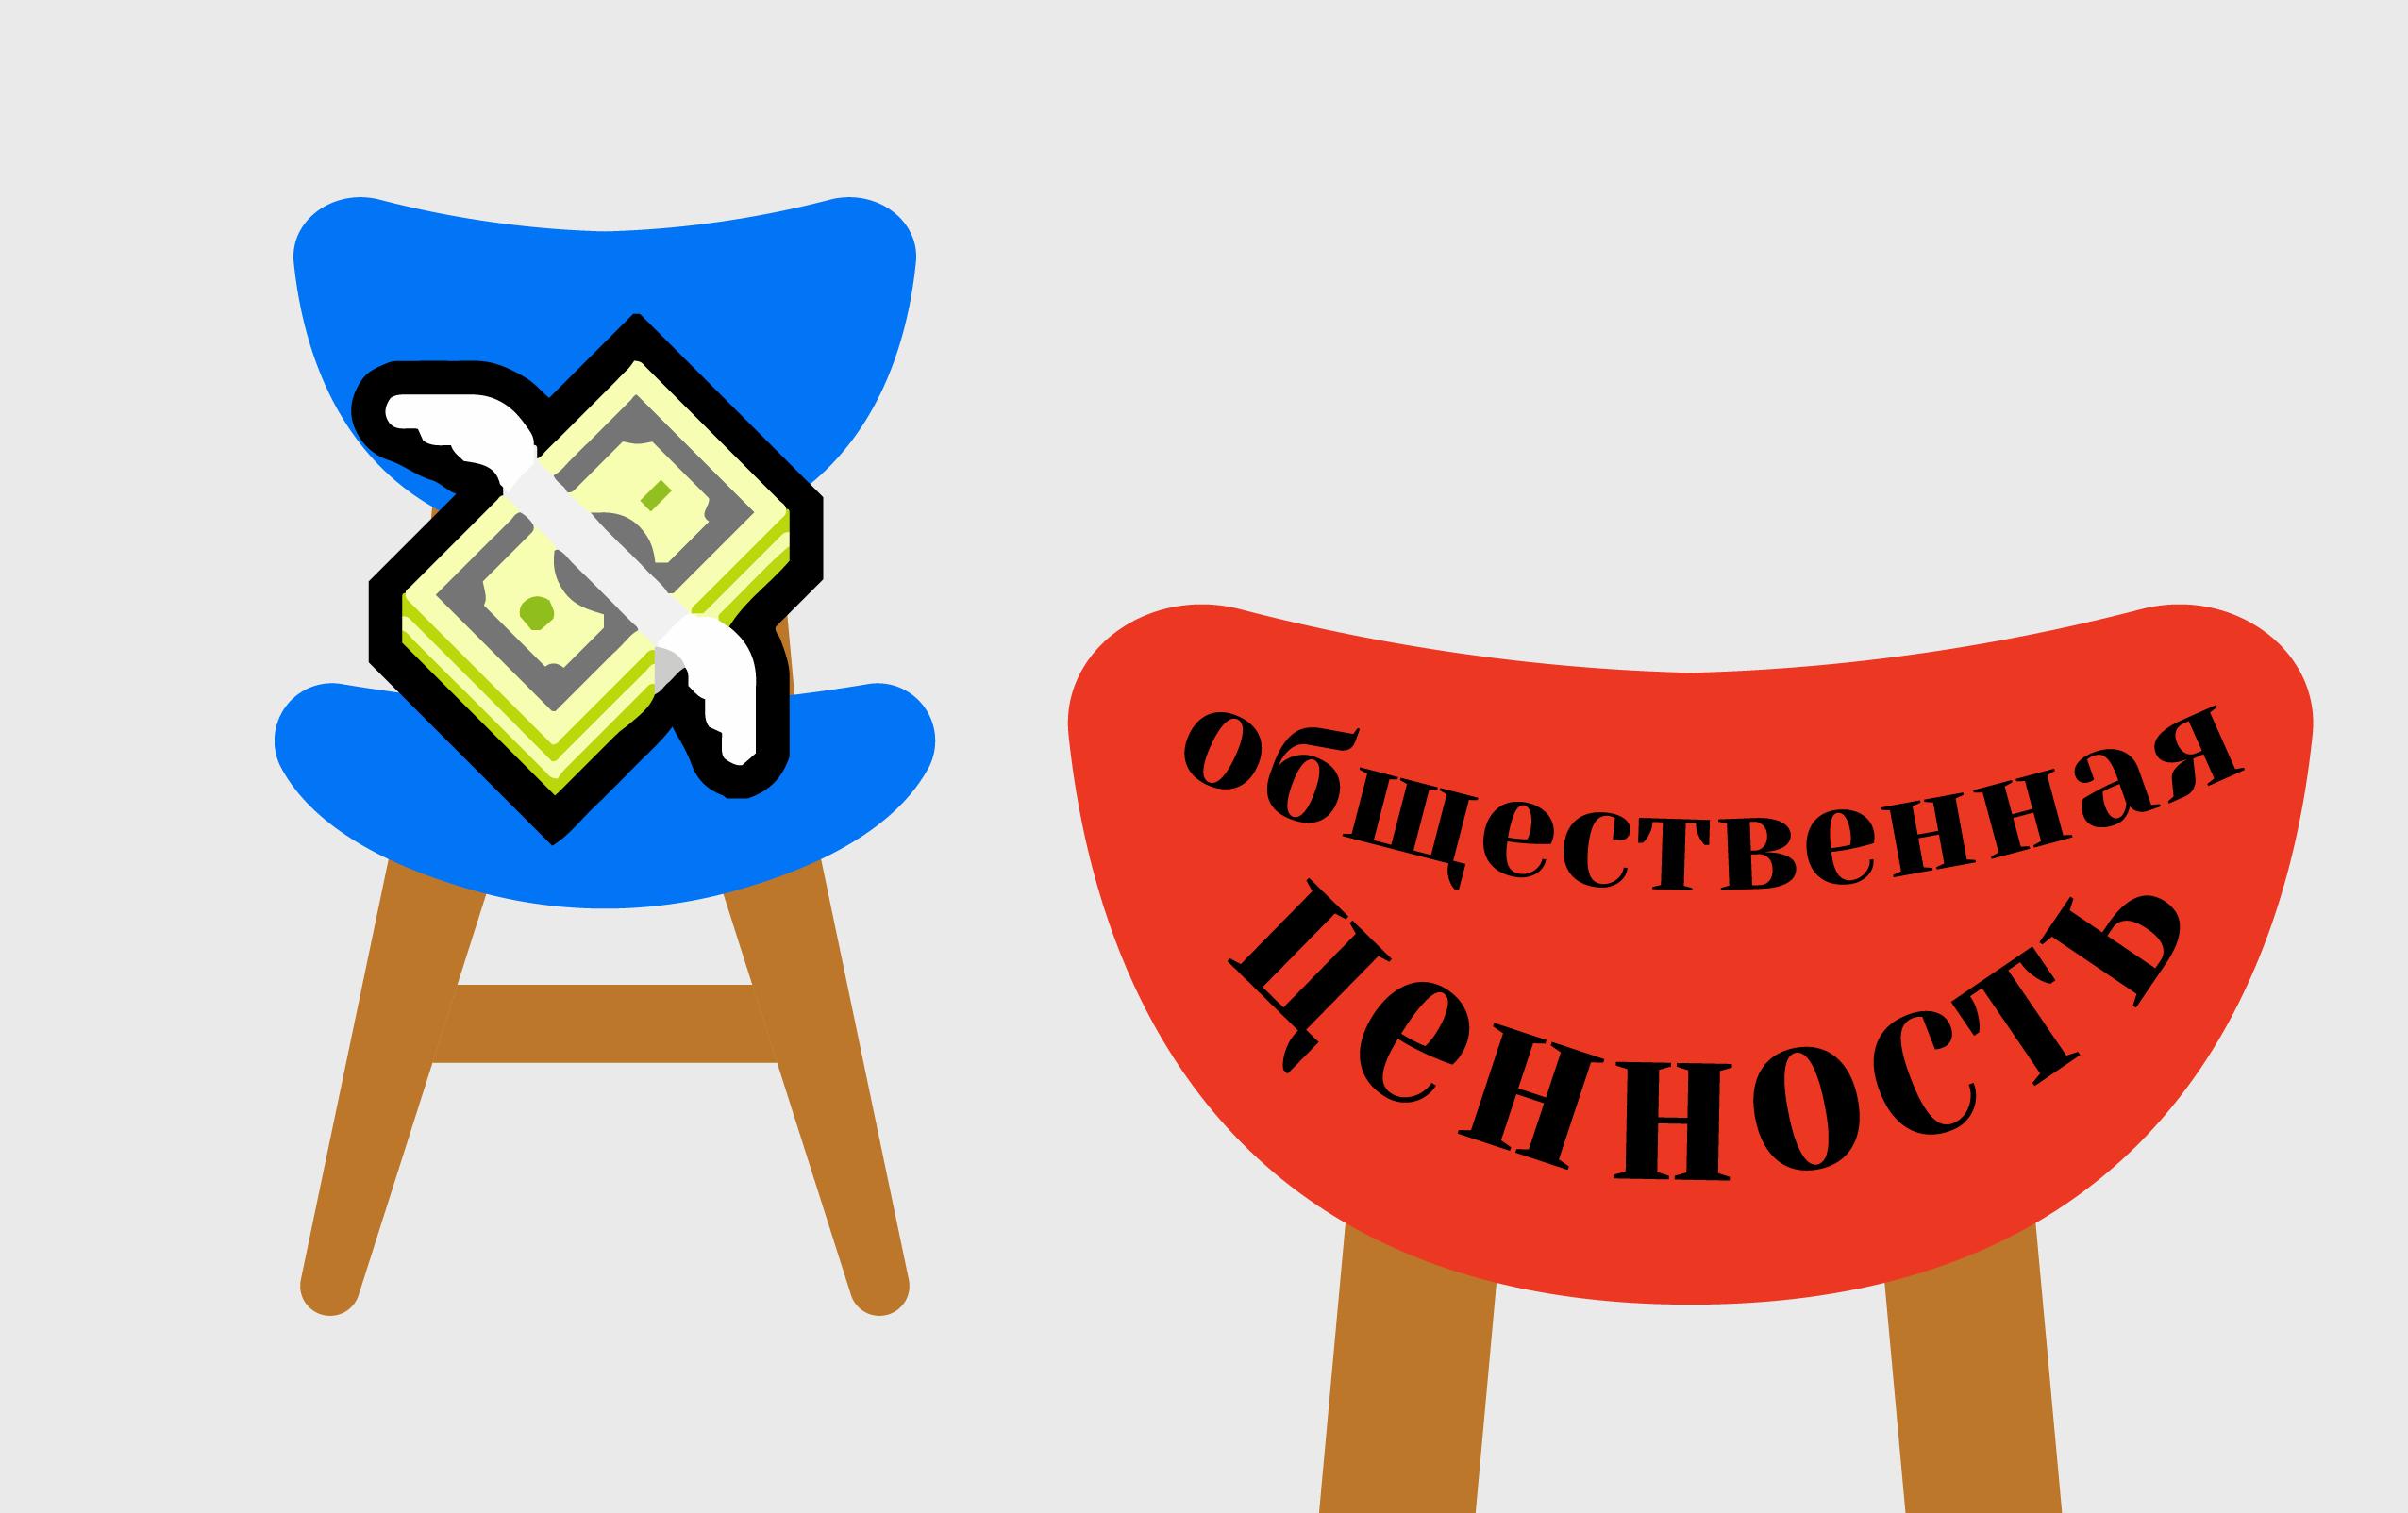 Как усидеть на двух стульях: бизнес, который улучшает жизни людей